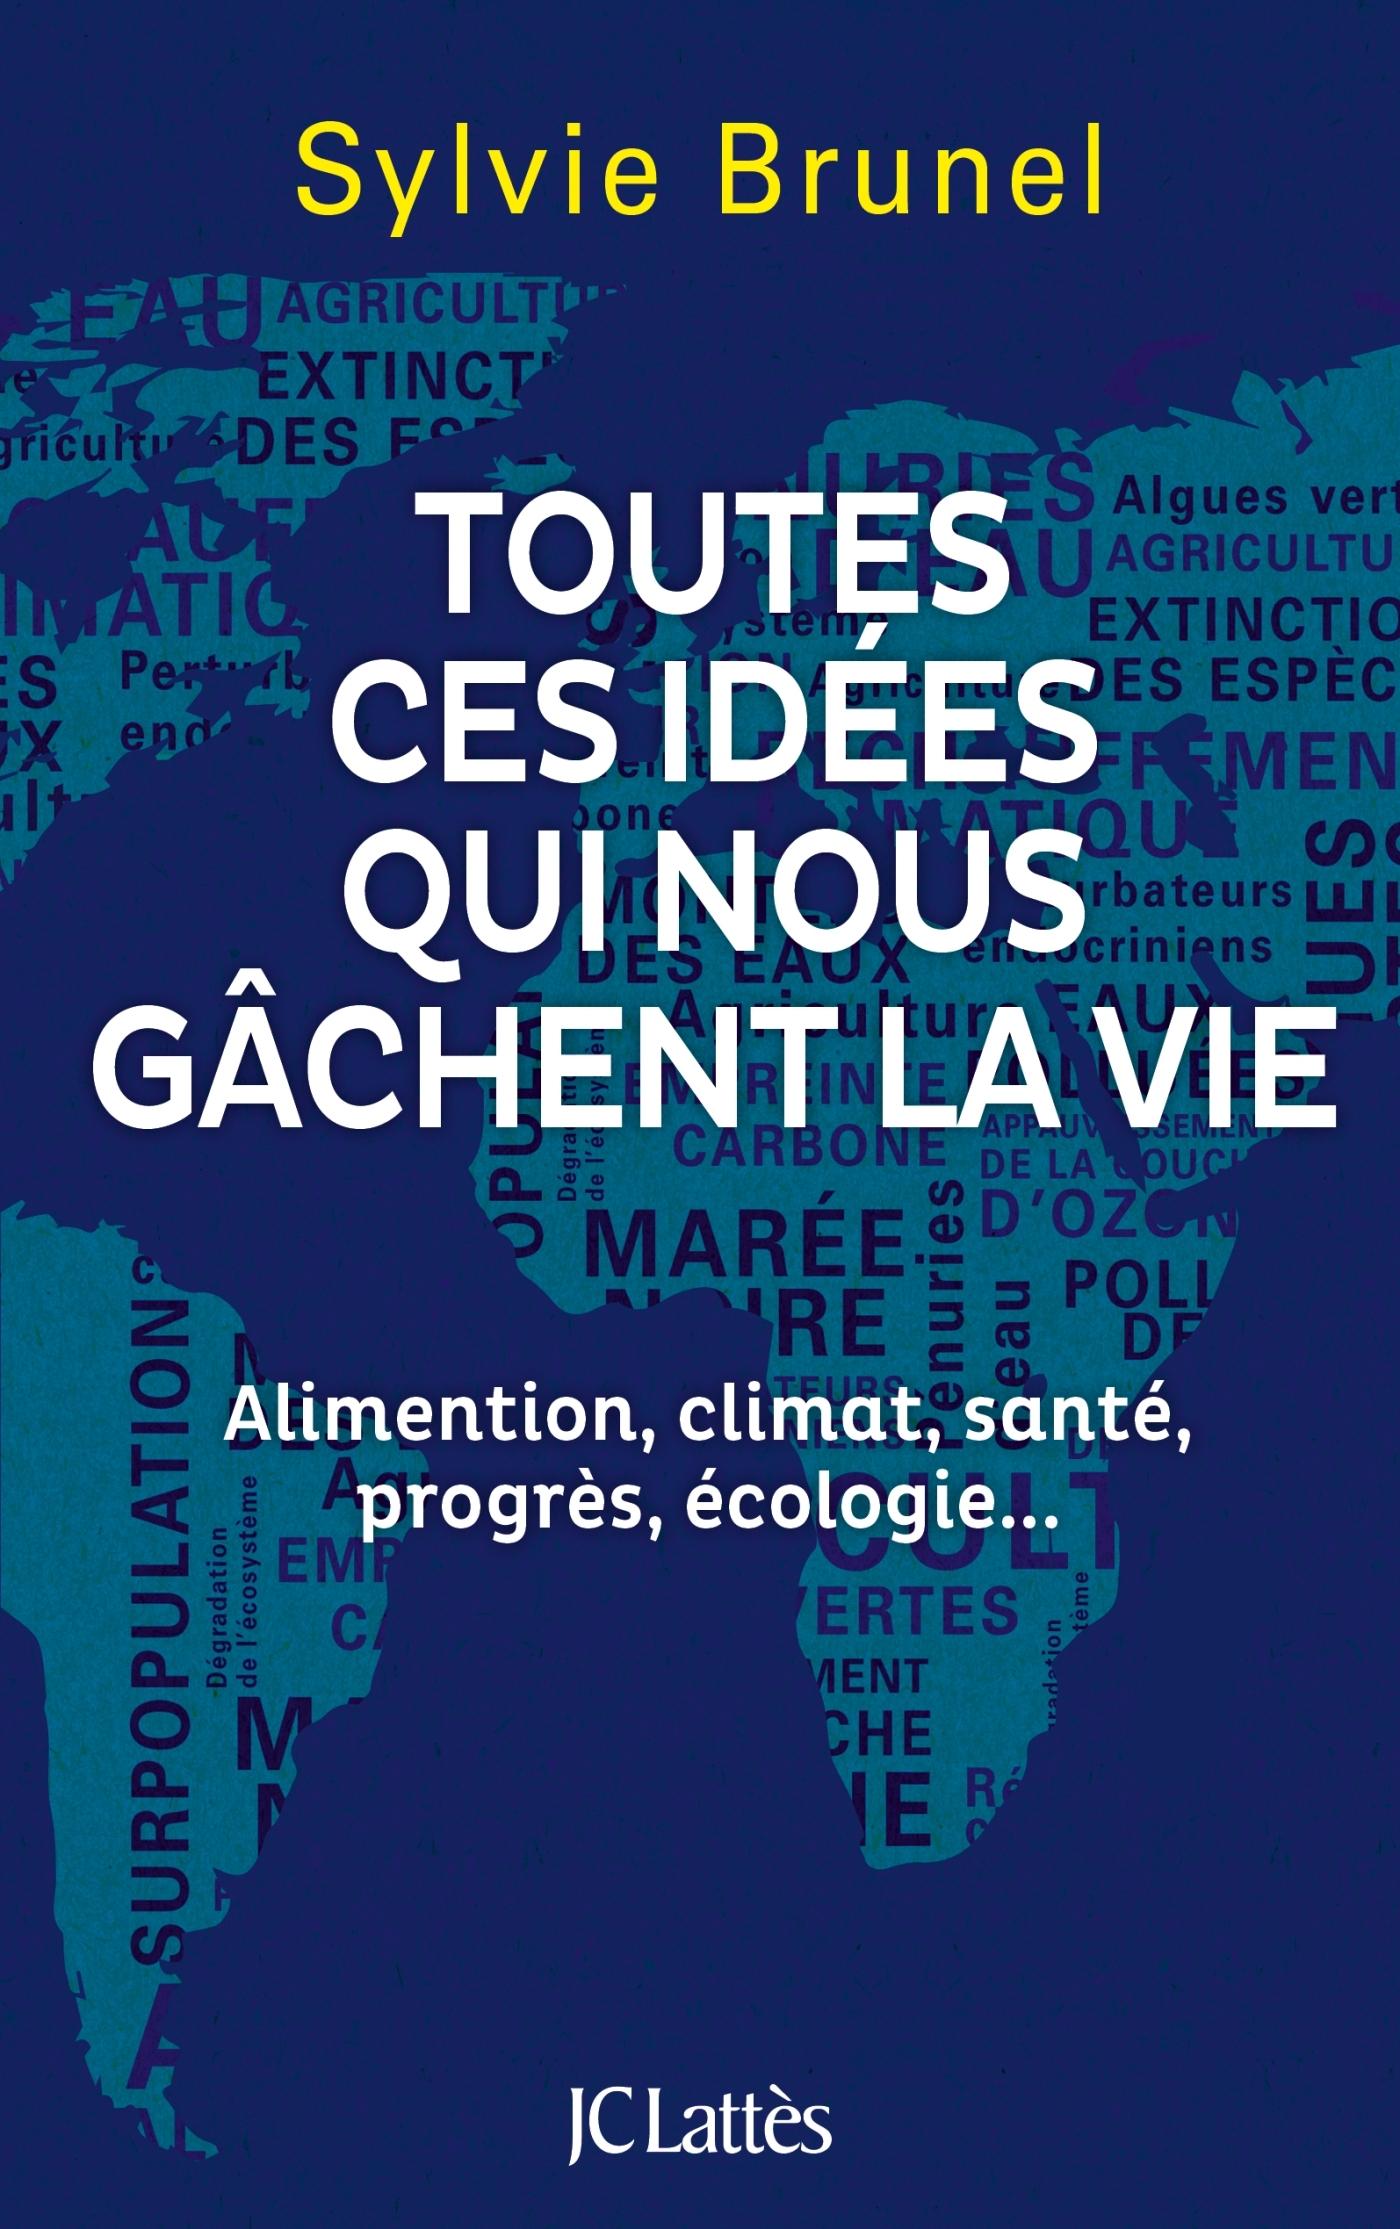 TOUTES CES IDEES QUI NOUS GACHENT LA VIE - ALIMENTATION, CLIMAT, SANTE, PROGRES, ECOLOGIE...